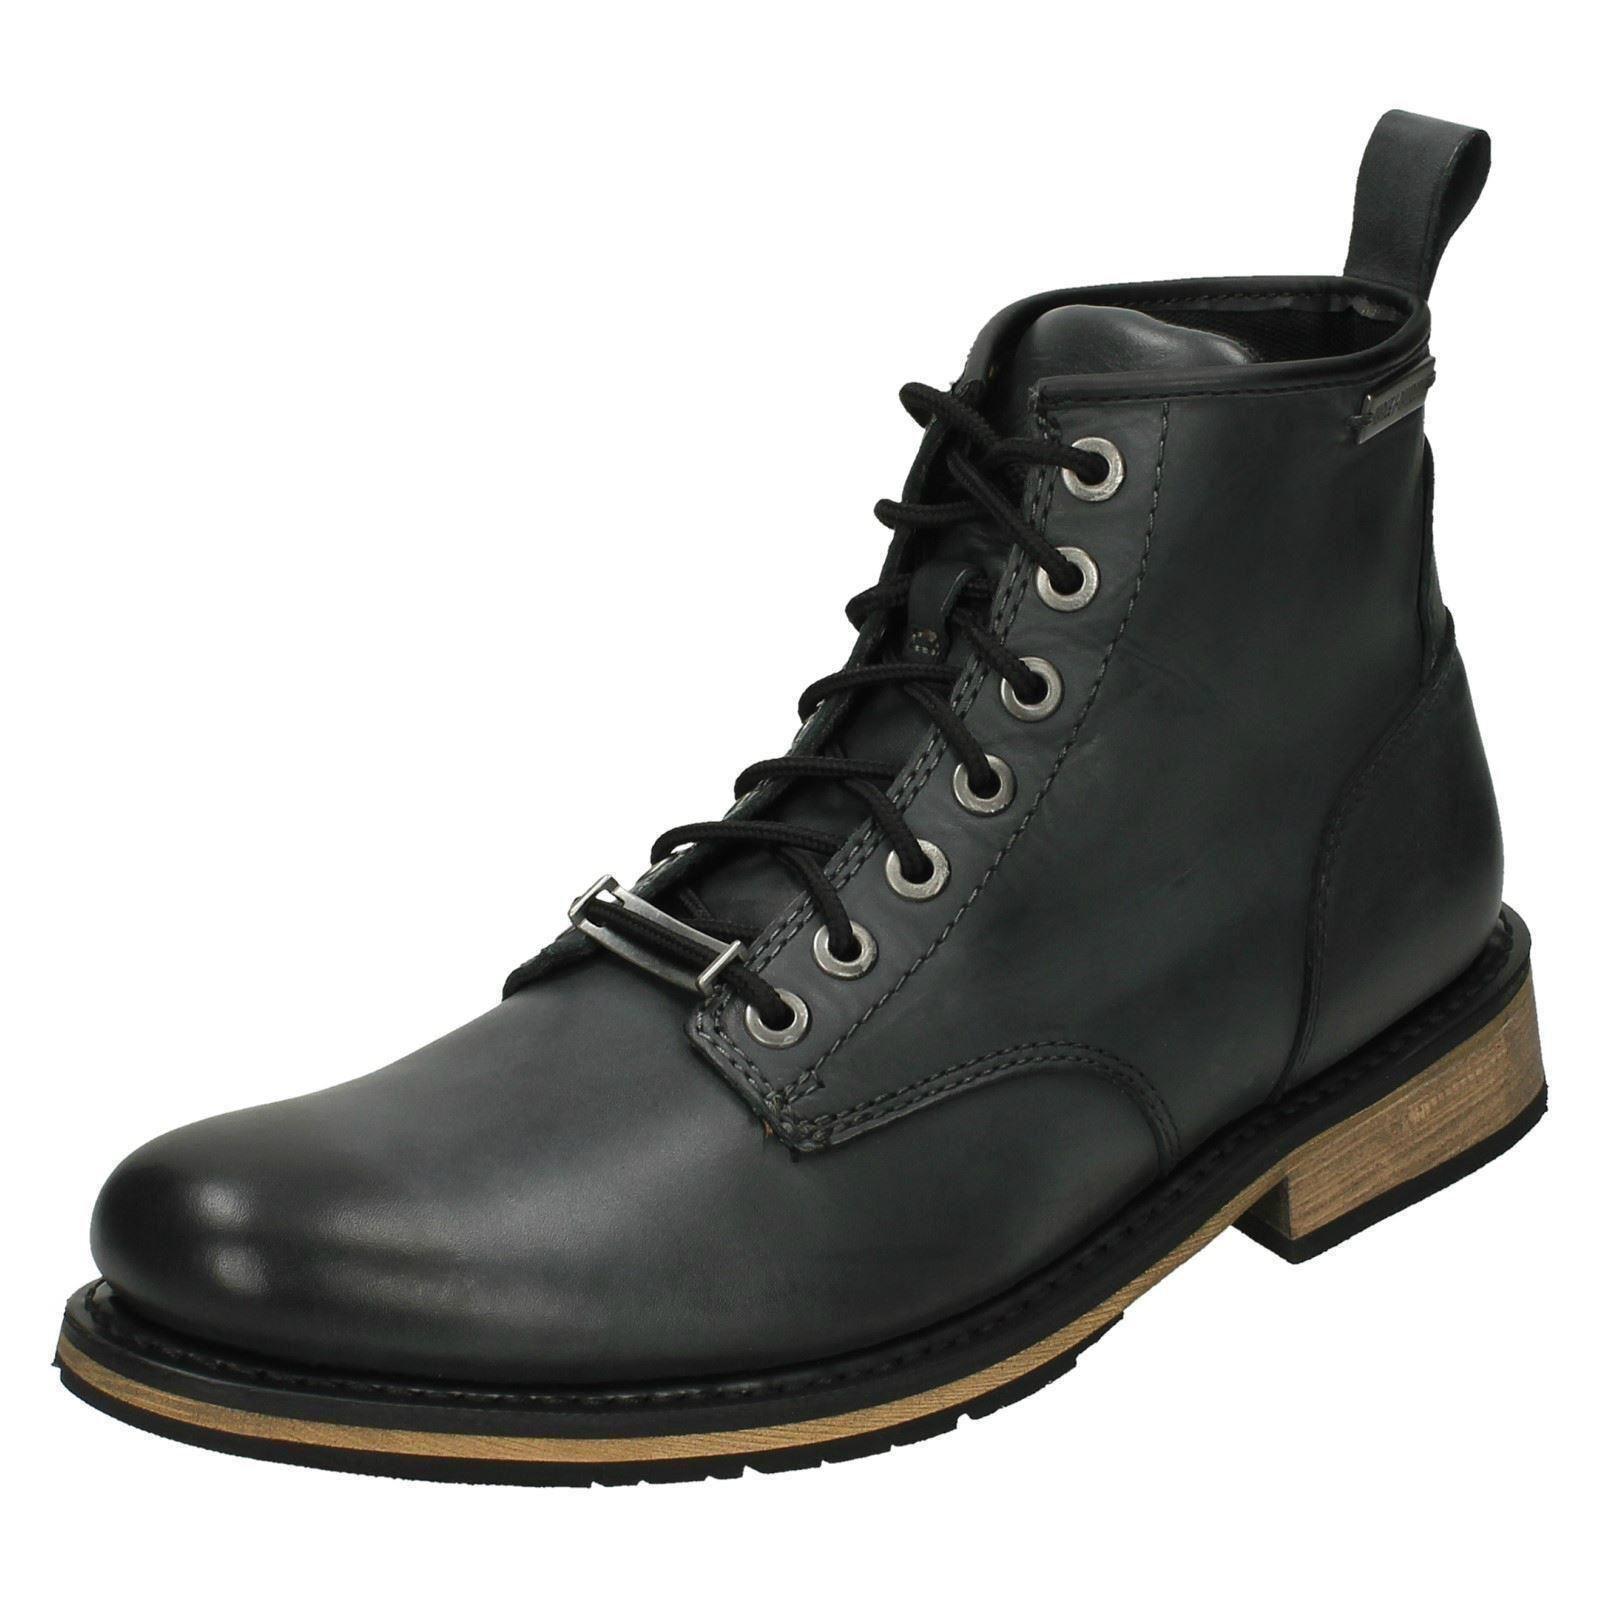 Los zapatos más populares para hombres y mujeres Mens HARLEY-DAVIDSON Negro Cuero Con Cordones Botas al Tobillo Estilo-Joshua